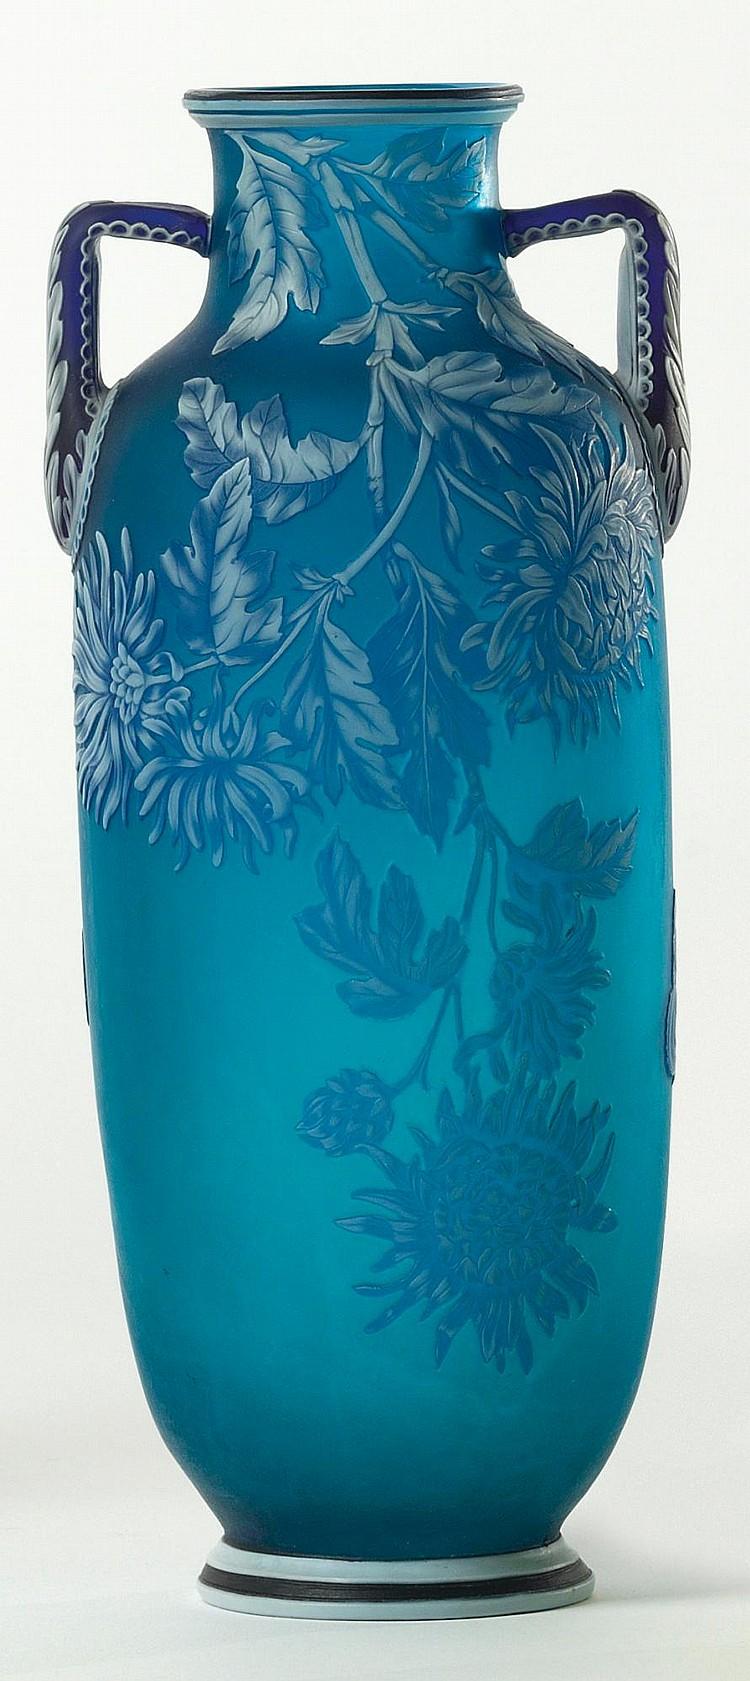 A THOMAS WEBB TWO-COLOUR CAMEO GLASS AMPHORA VASE CIRCA 1890 |